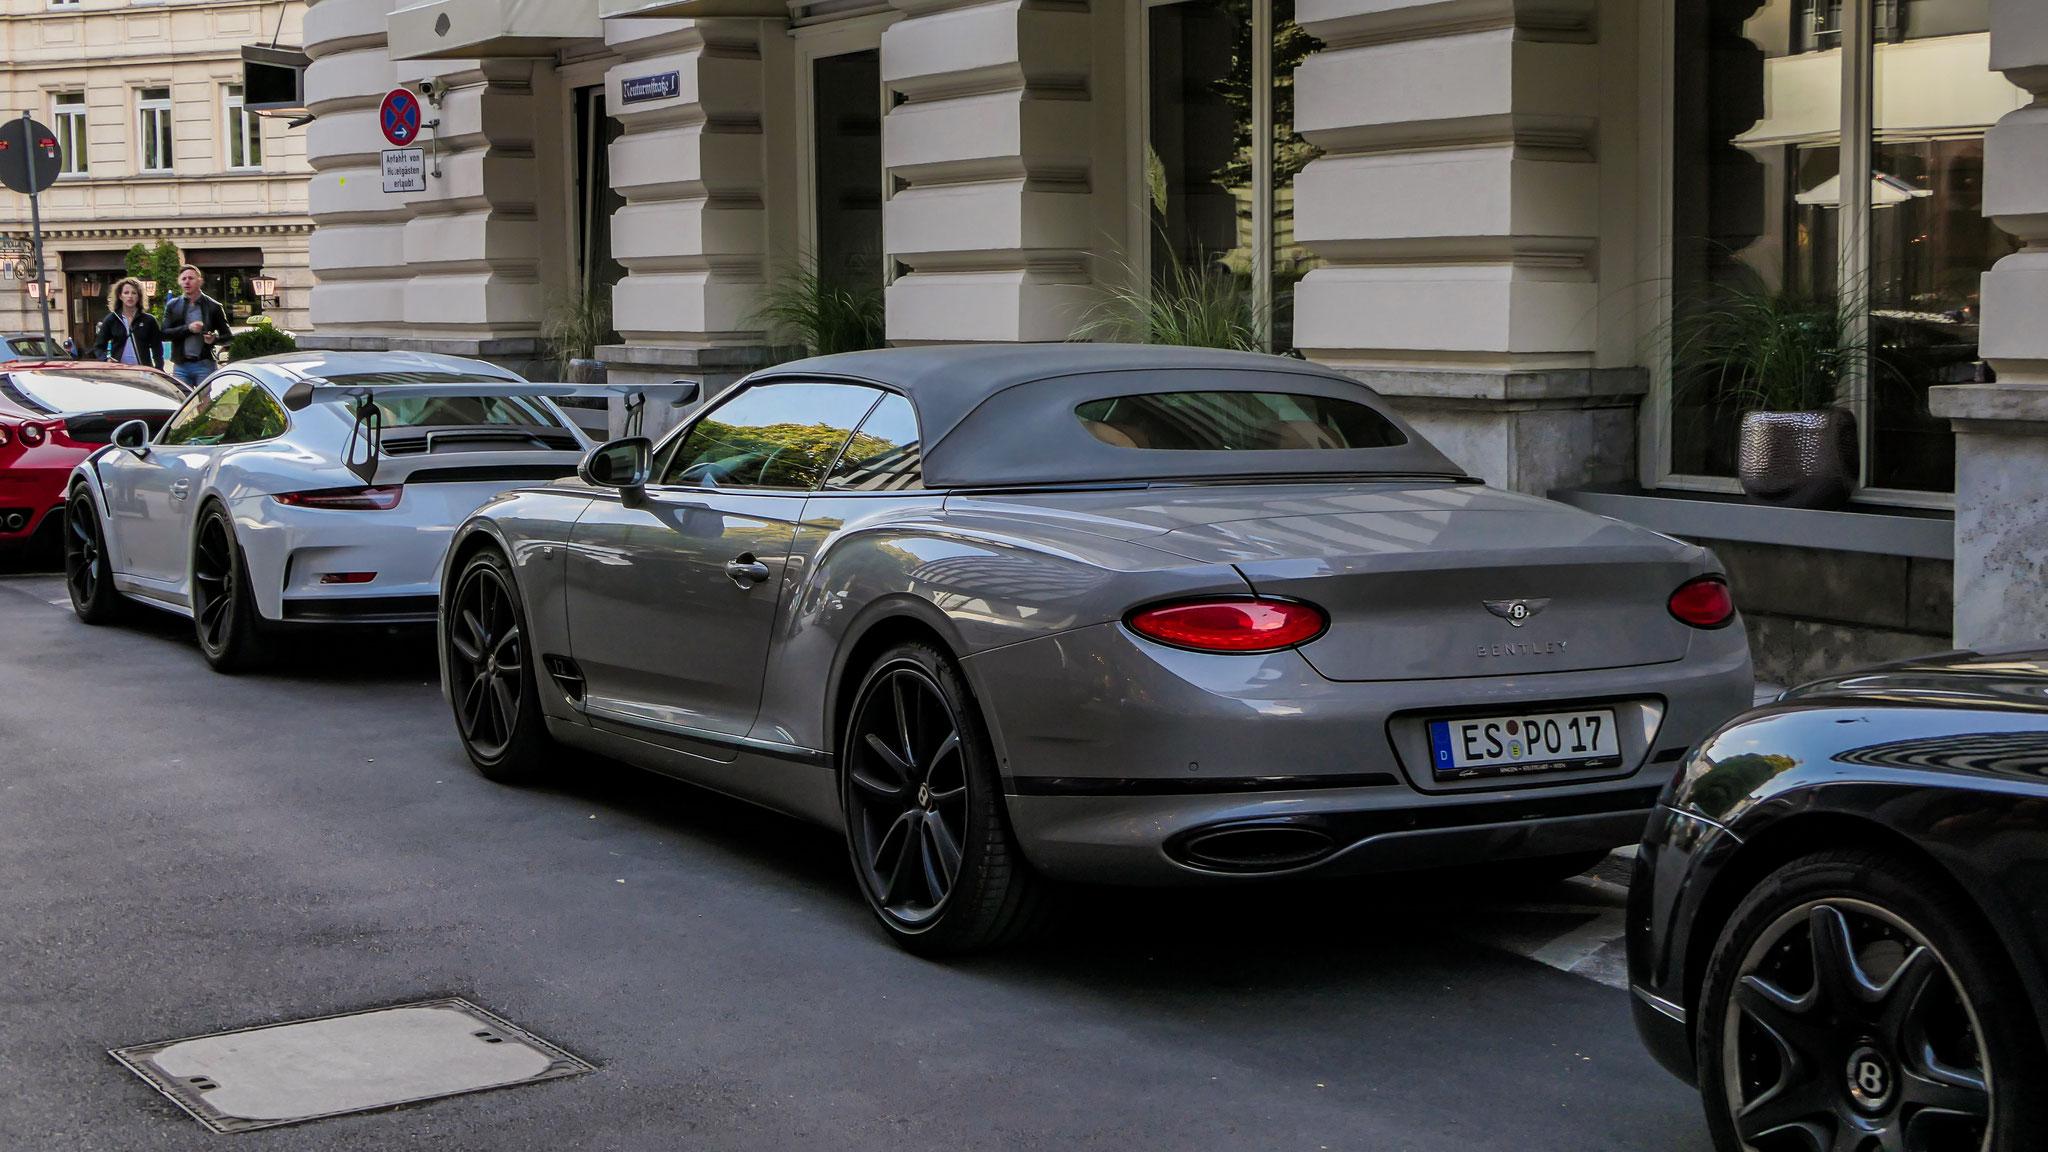 Bentley Continental GTC - ES-PO-17